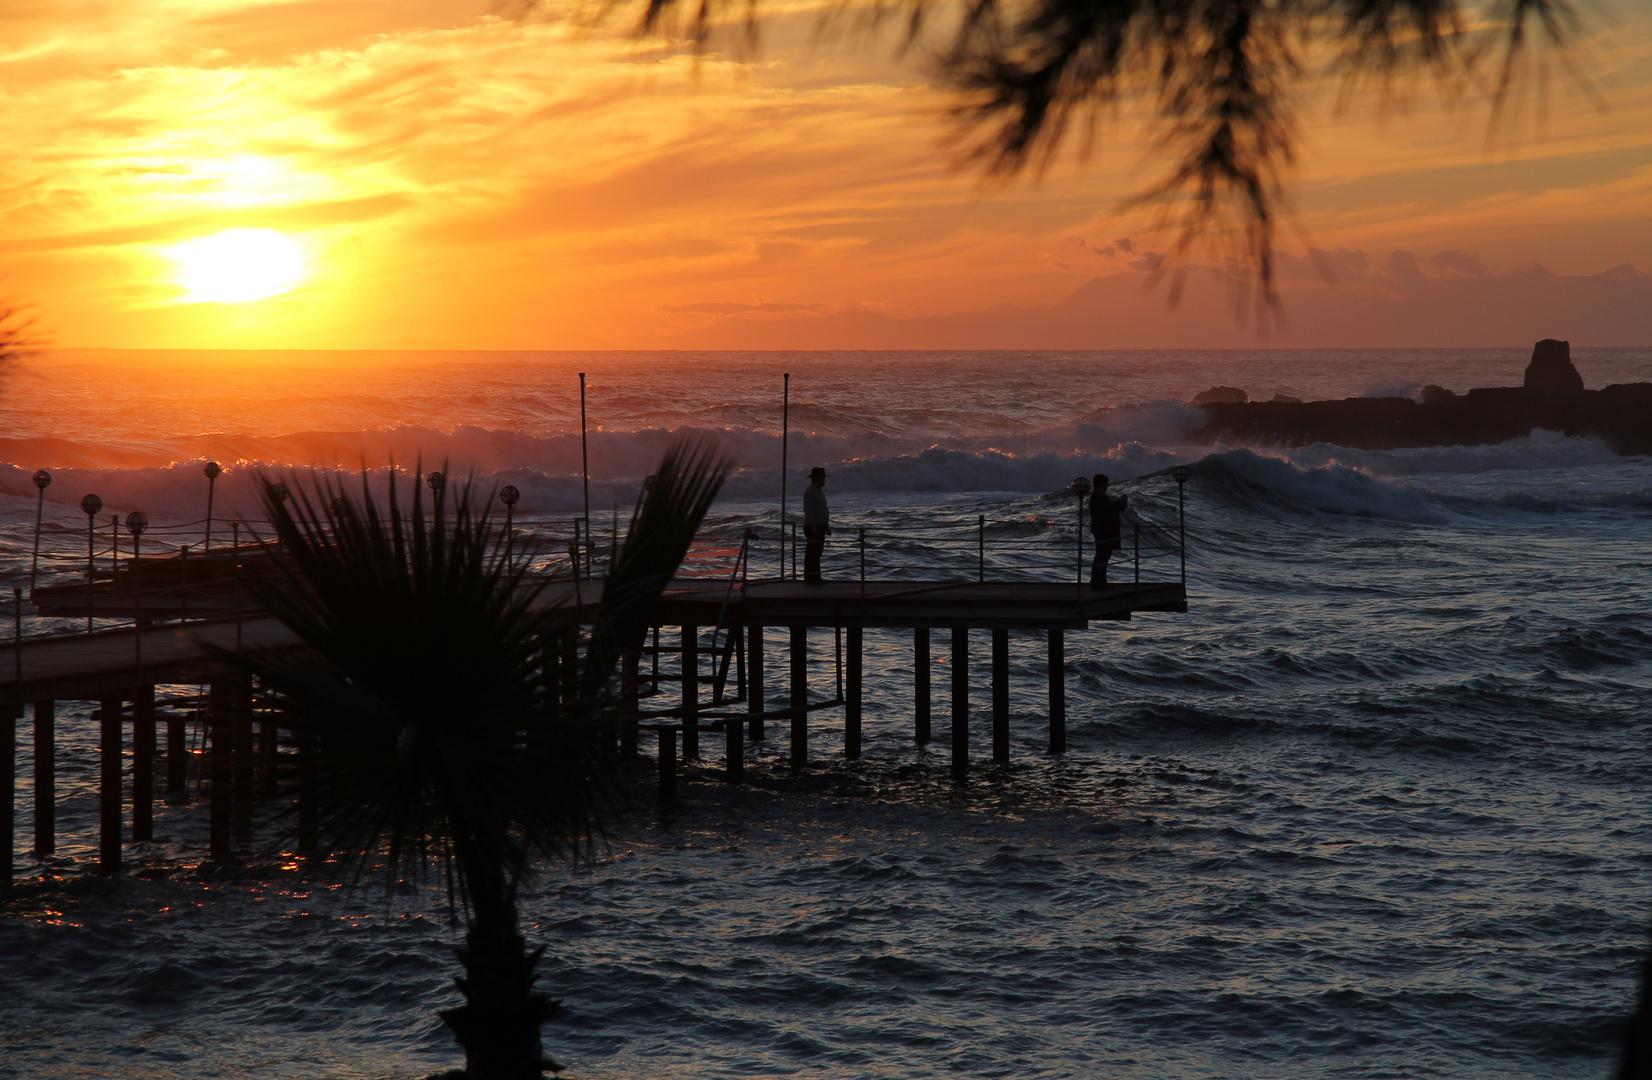 Mein erster Sonnenuntergang in der Türkei (Incekum)